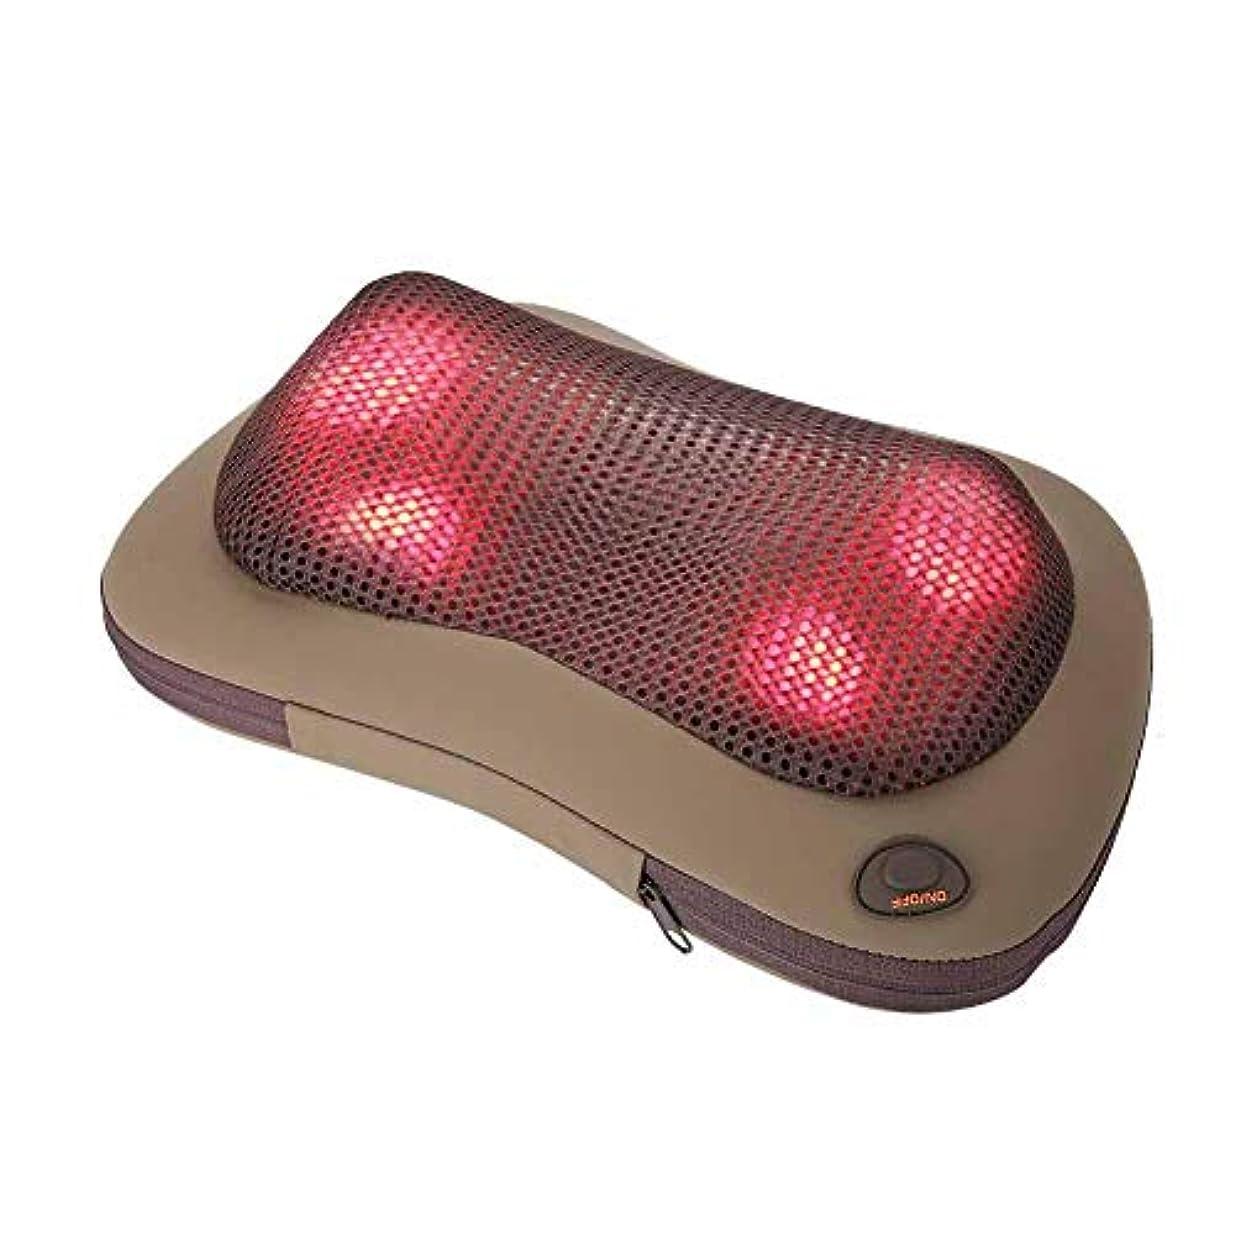 場所マナー白い携帯用 電気マッサージ 枕 暖房療法 首 ウエスト 足 腕 マッサージ用具(グレー)